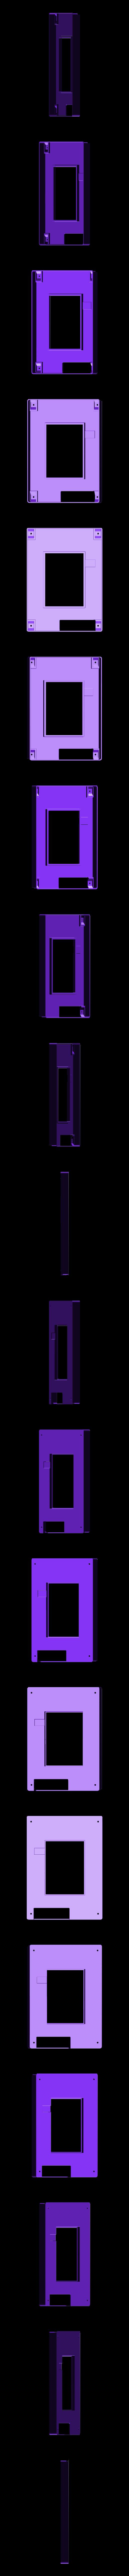 FRAME.stl Télécharger fichier STL gratuit Prise en charge de l'écran Rasperry Clone • Design pour imprimante 3D, omni-moulage